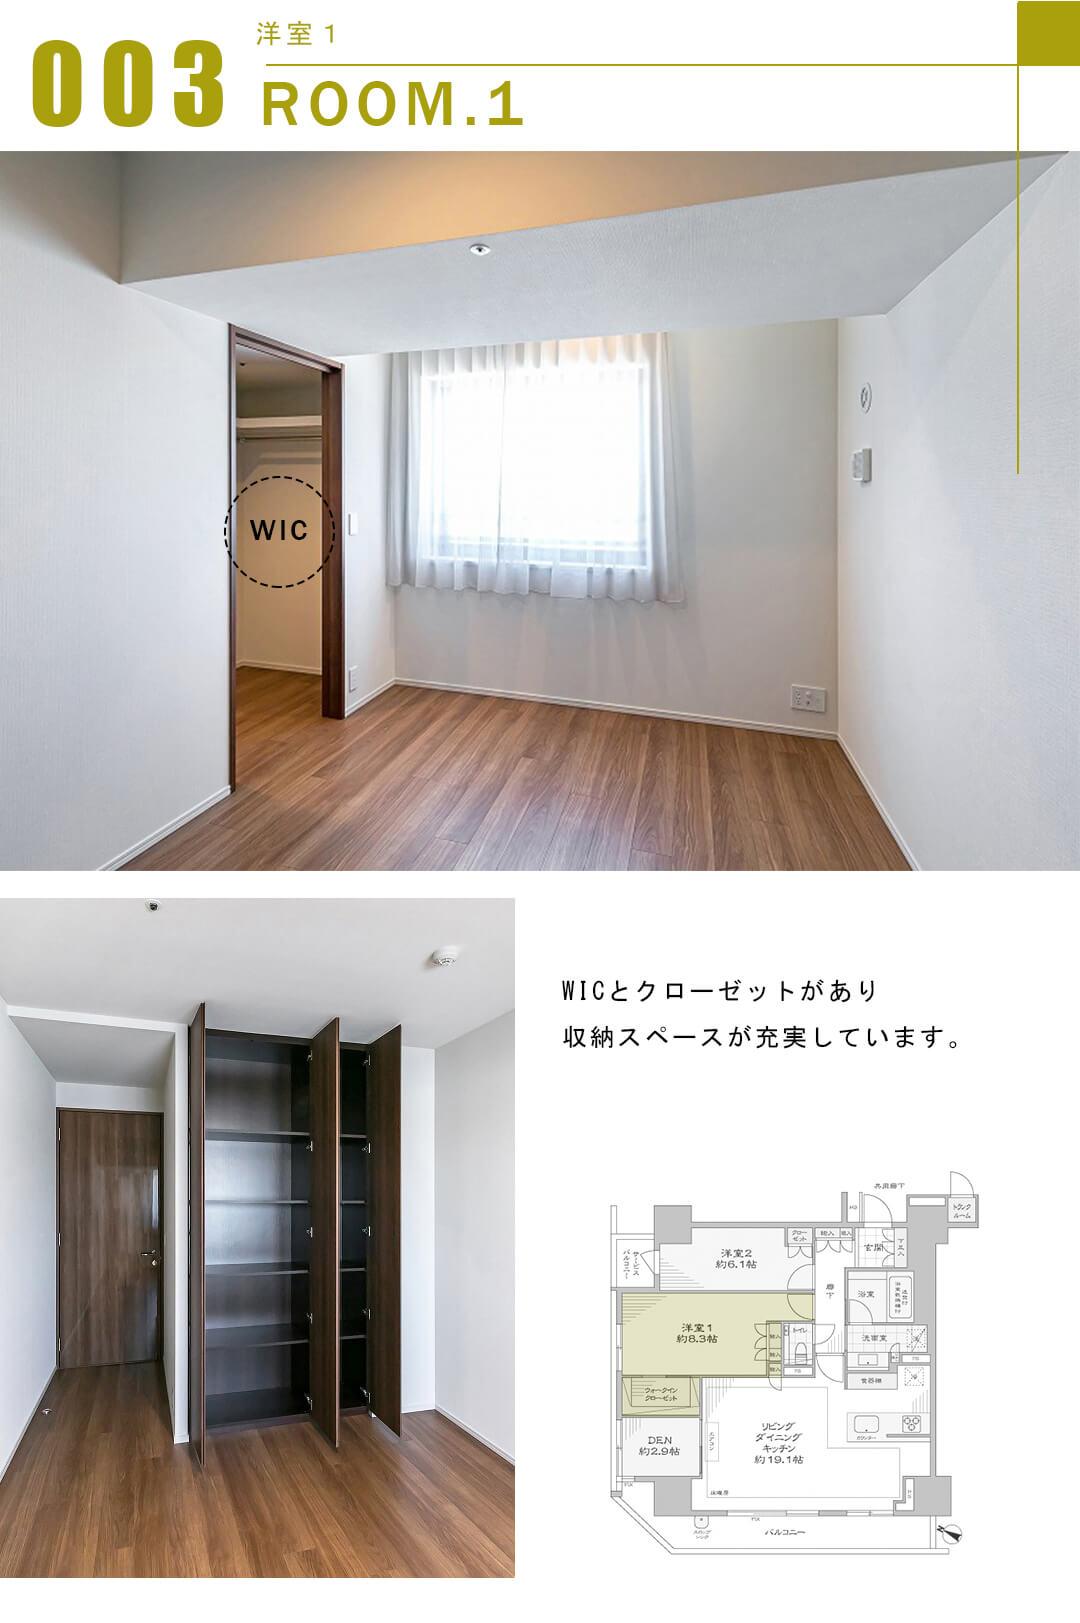 ブランズ横浜の洋室